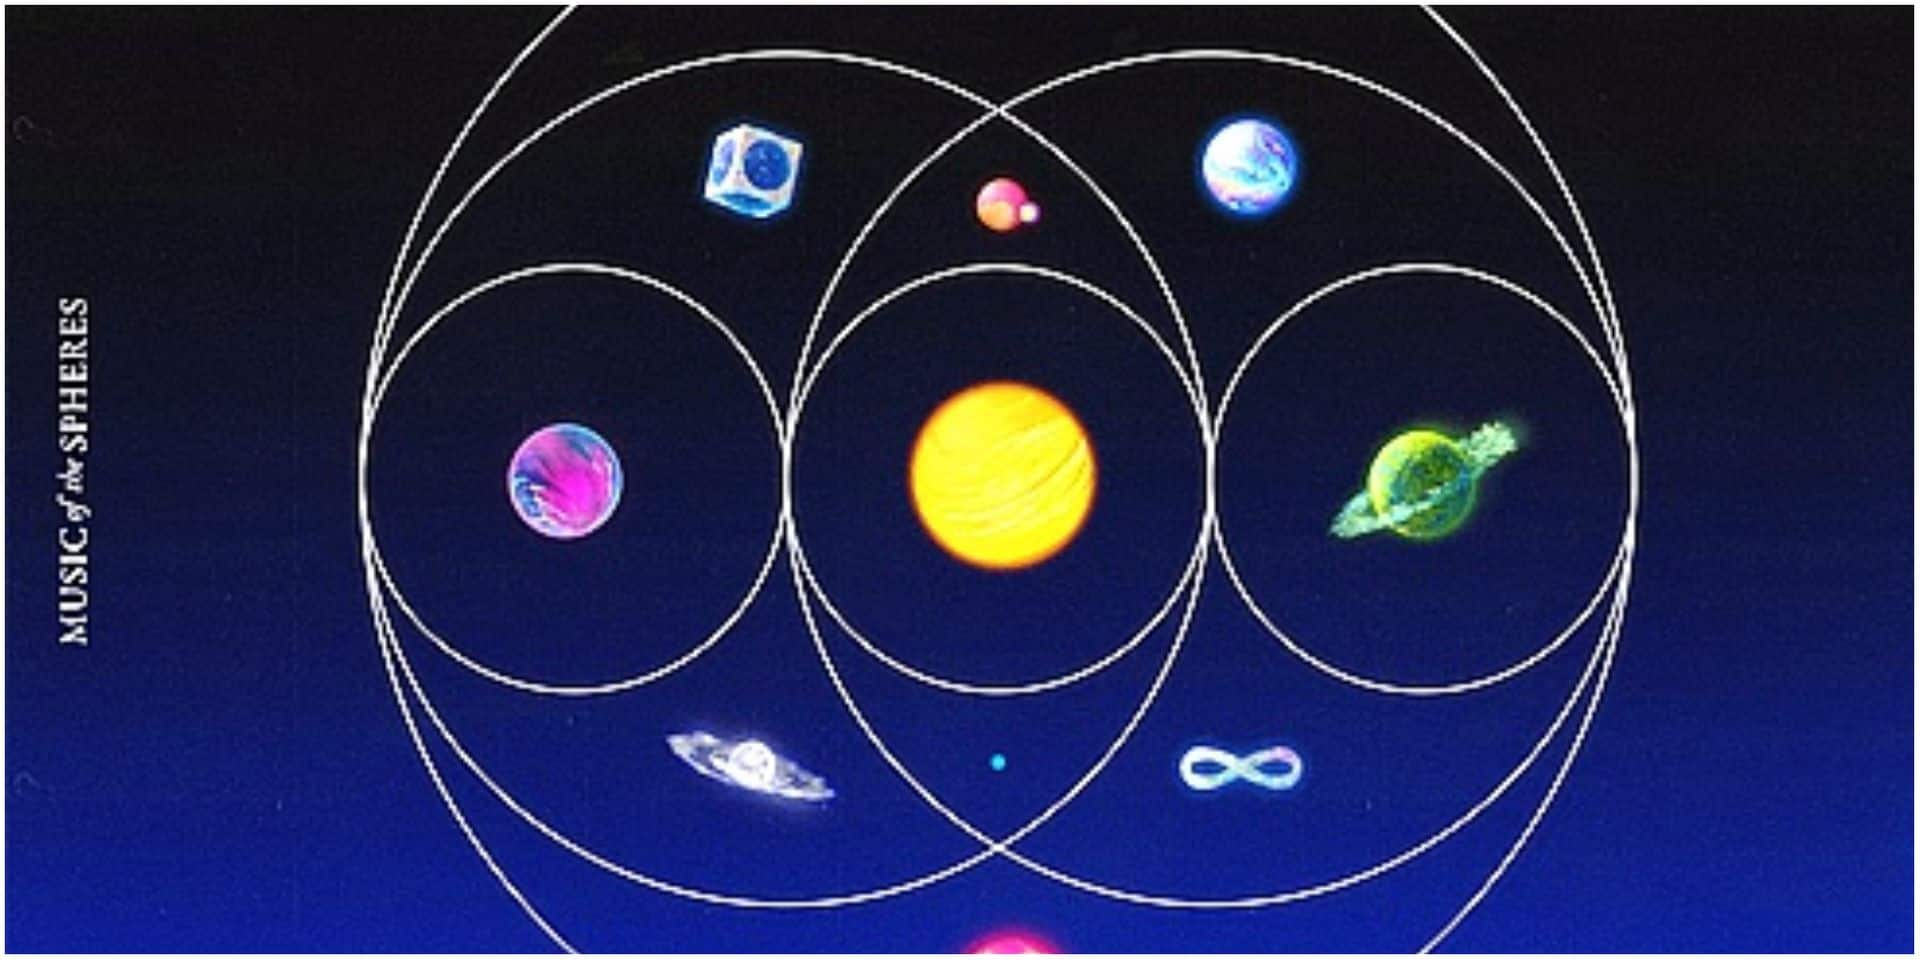 Le nouvel album de Coldplay, Music of the Spheres, est interstellaire ! (PODCAST)